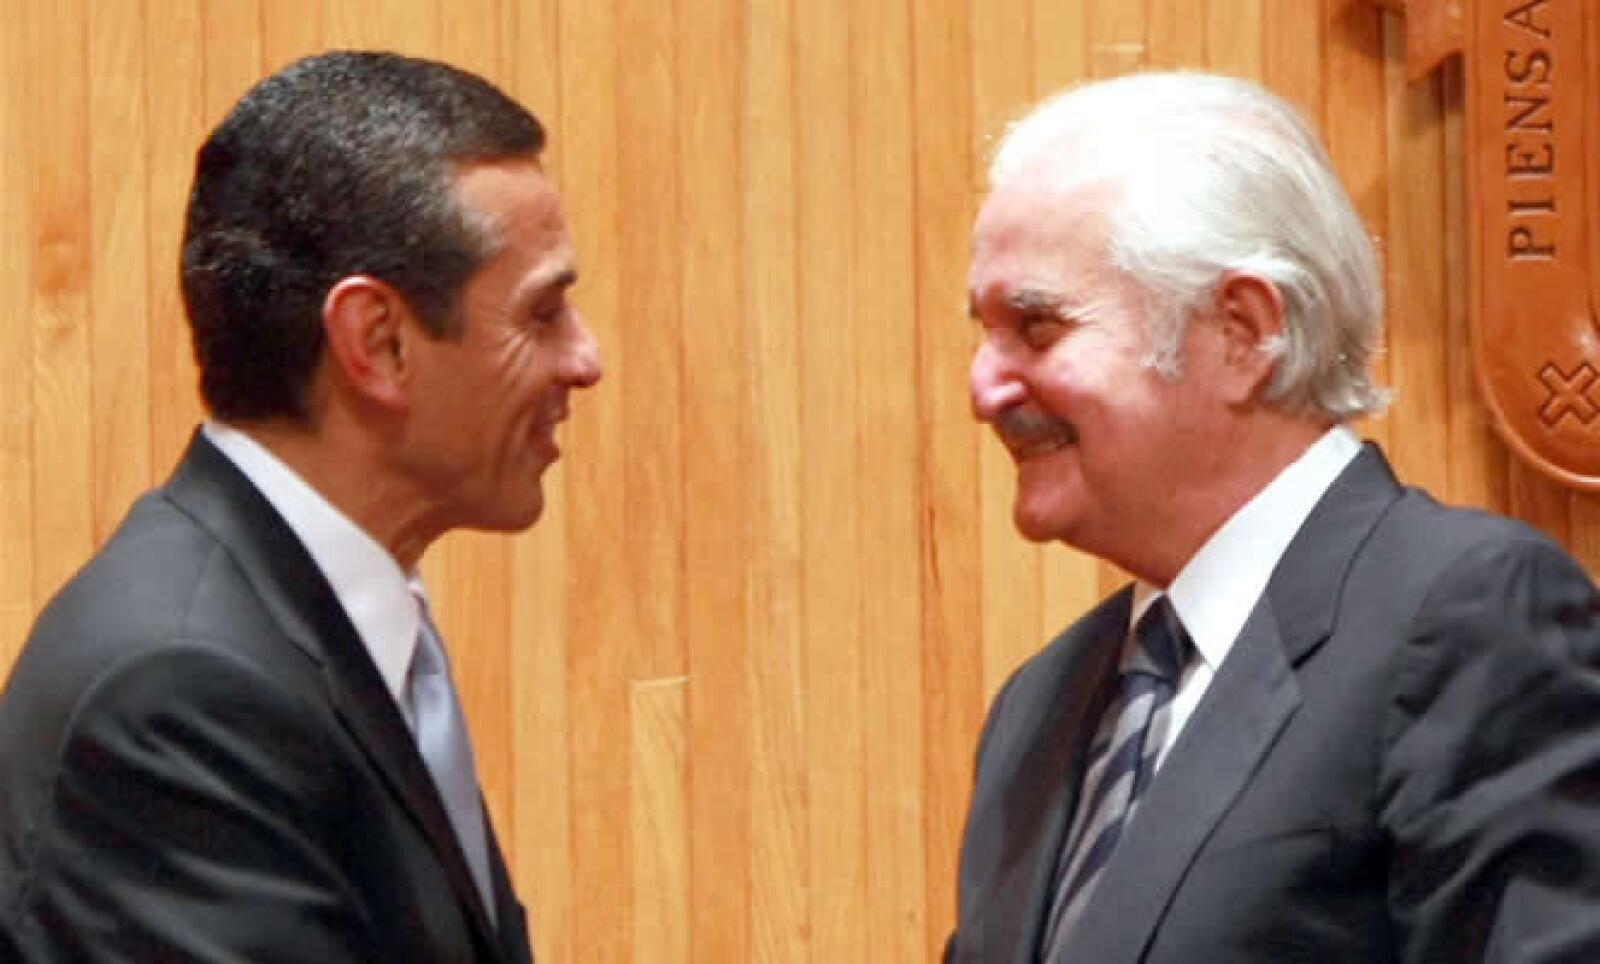 La feria del libro más importante de América Latina inauguró su edición 23° en la ciudad de Guadalajara.  Carlos Fuentes con Antonio Villaraigosa, alcalde de Los Ángeles, ciudad invitada de esta FIL.